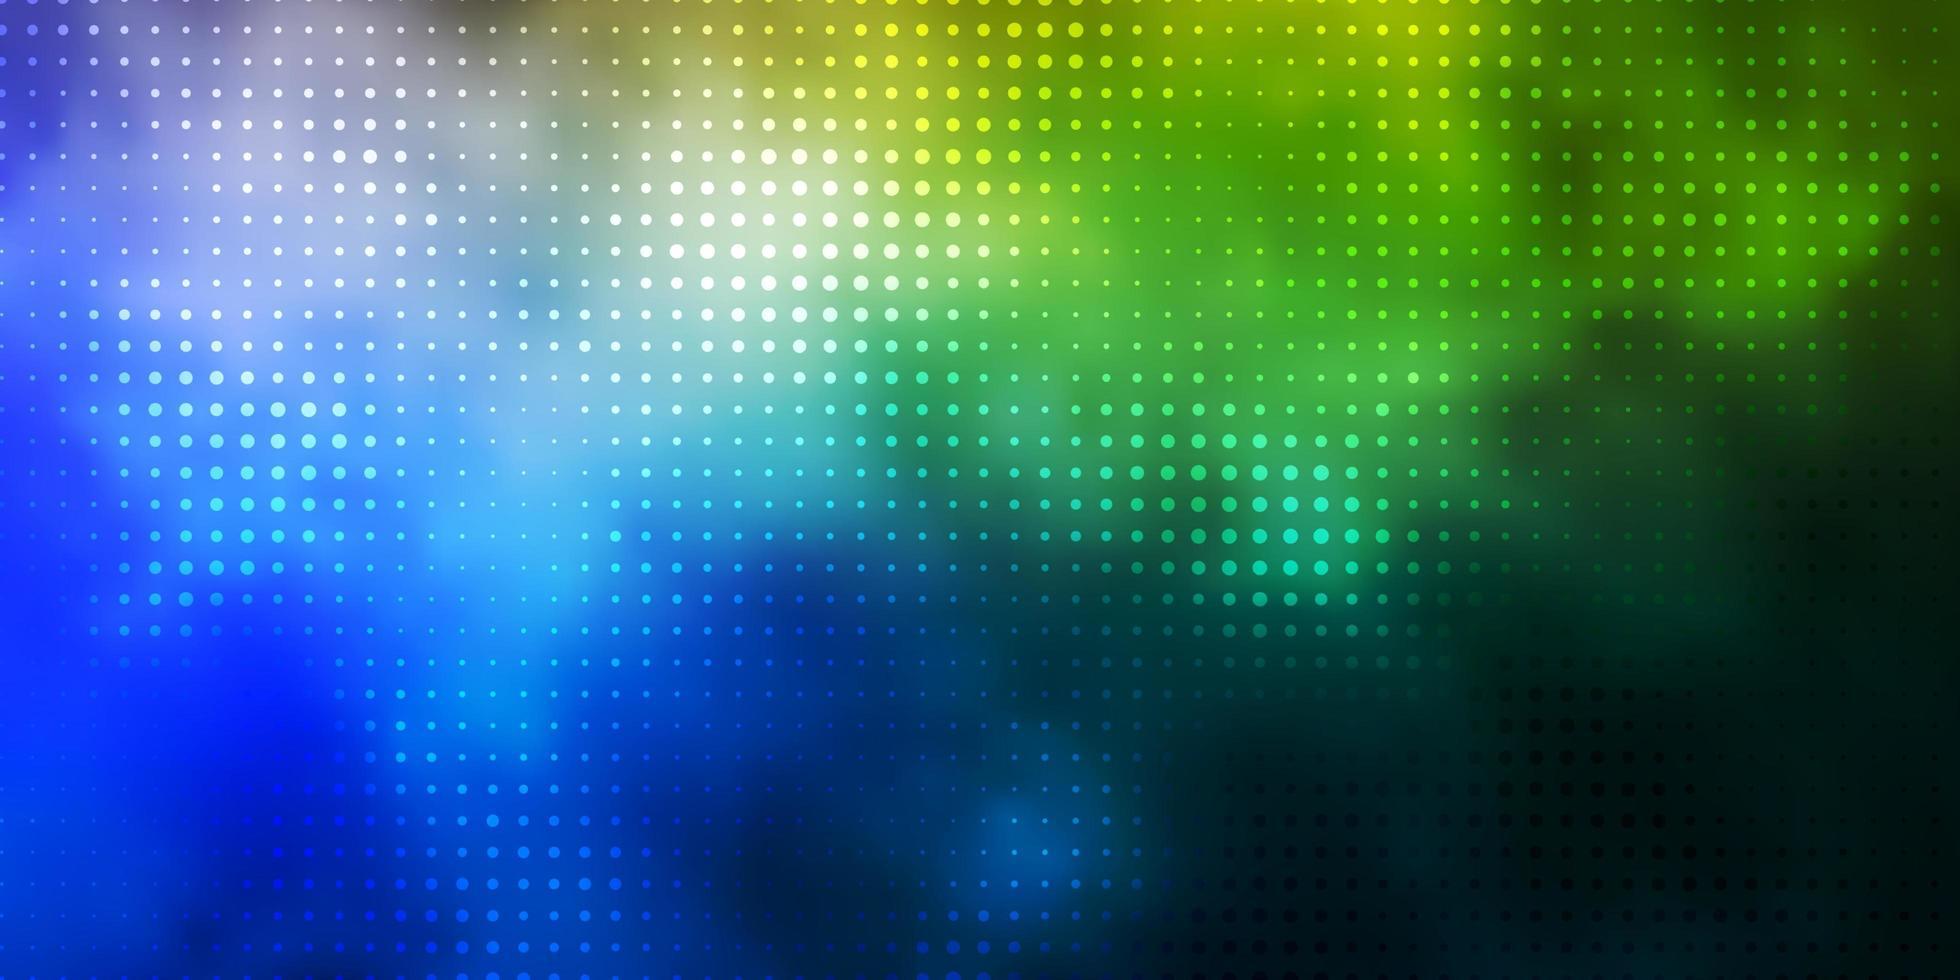 ljusblått, grönt mönster med sfärer. vektor